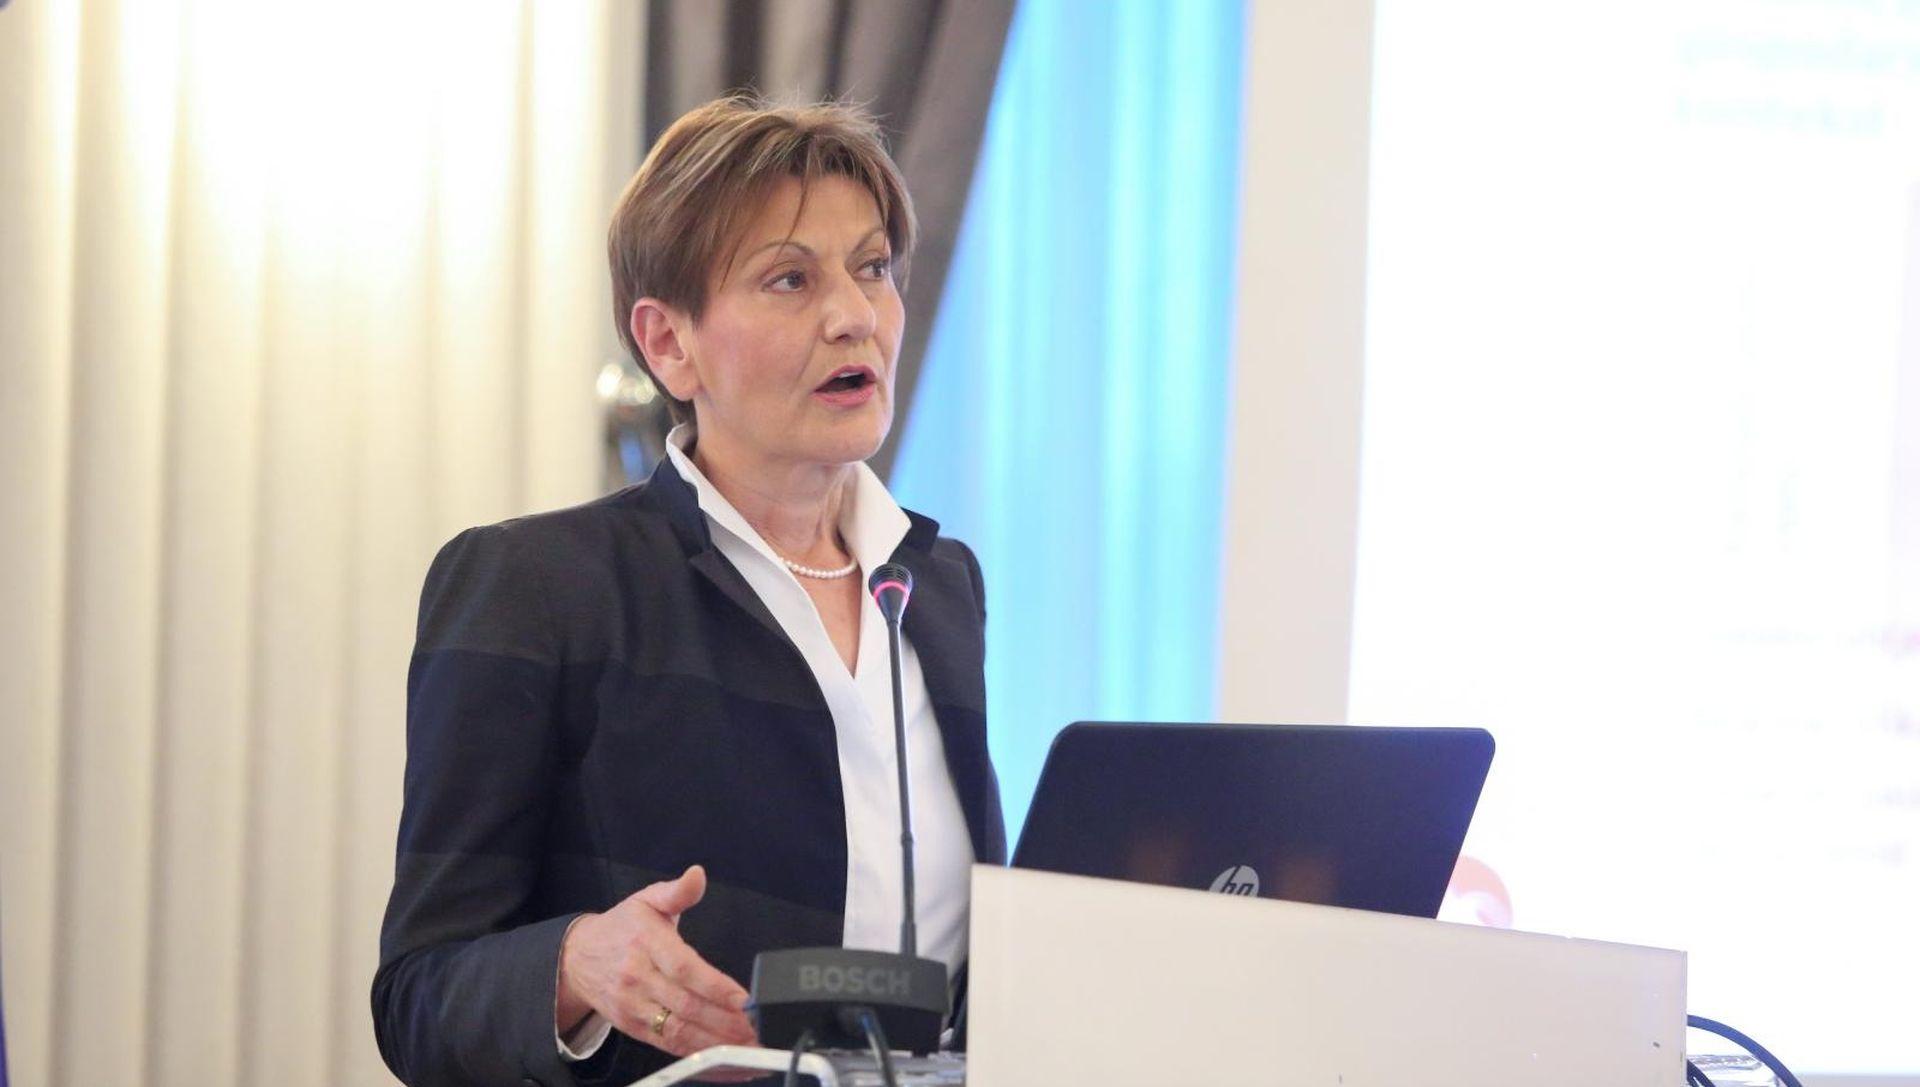 """JURČIĆ U SUKOBU SA ZDRAVIM RAZUMOM: """"Sudjelovanje Dalić na panelu nije moralno ni politički upitno"""""""